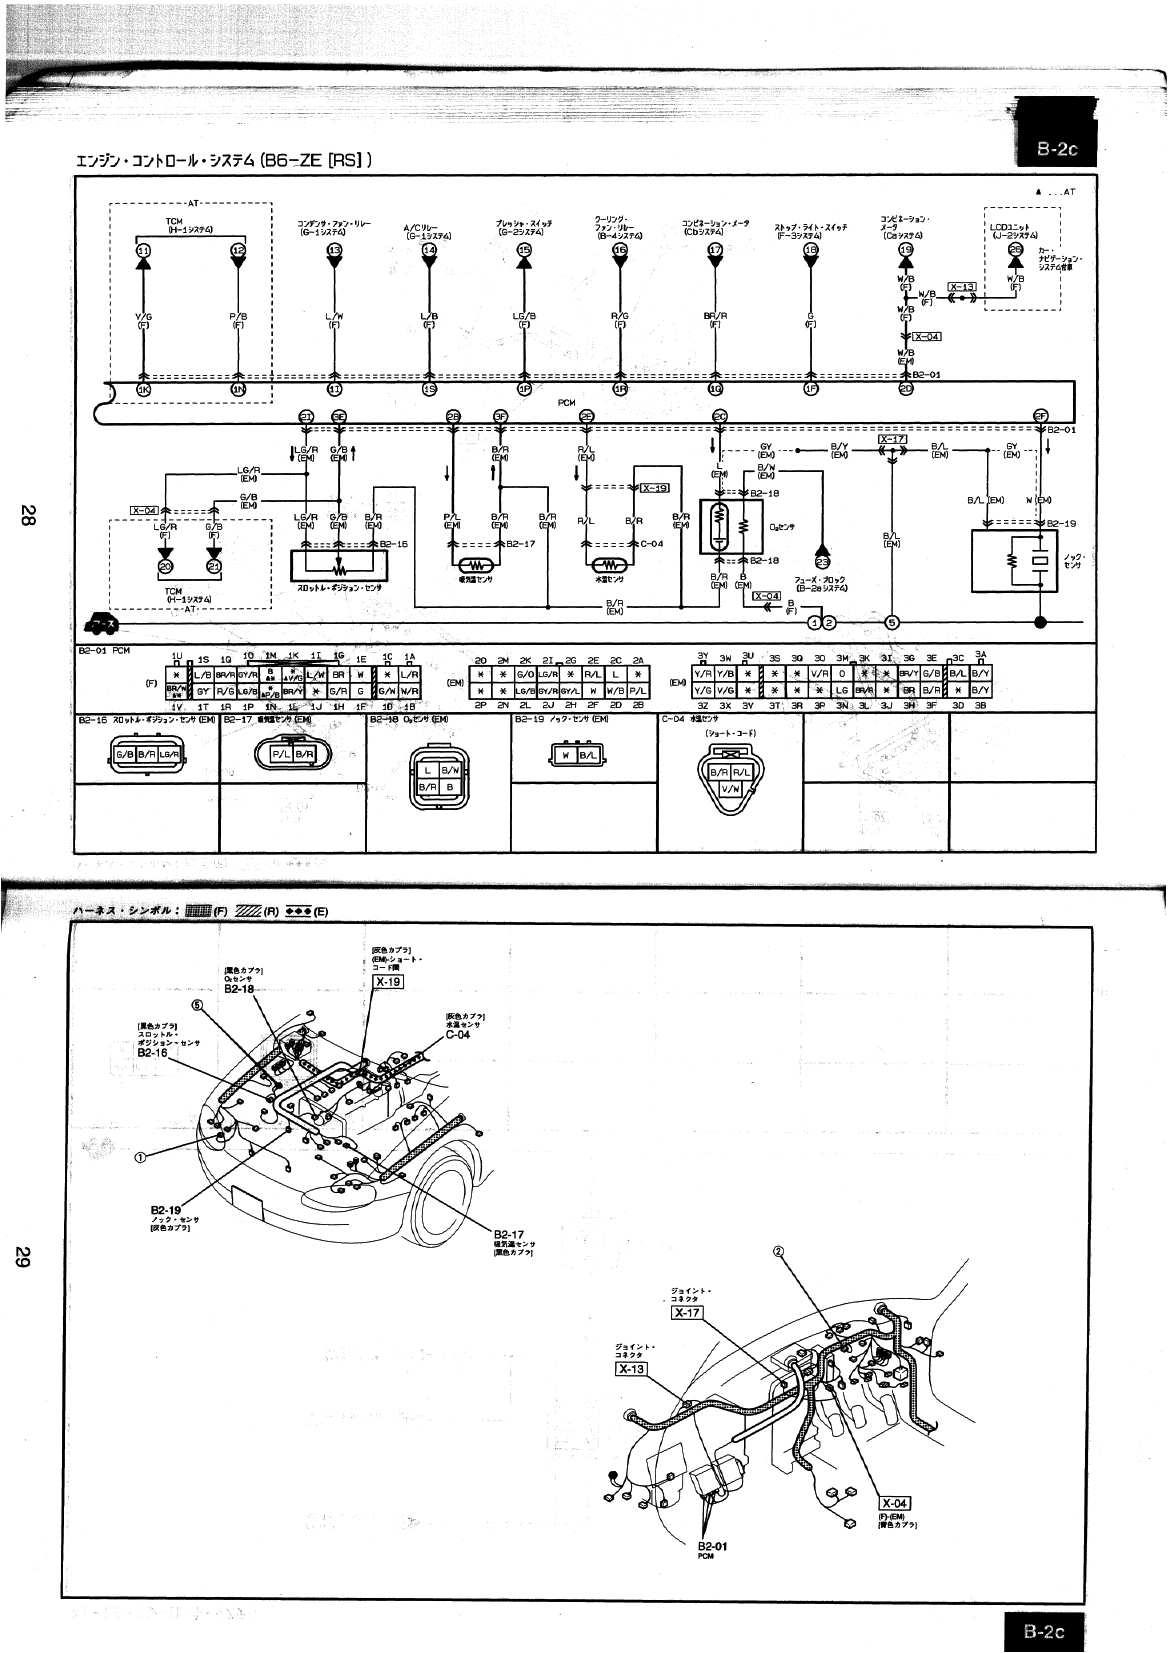 japan spec 1999nb6 wiring diagram. Black Bedroom Furniture Sets. Home Design Ideas